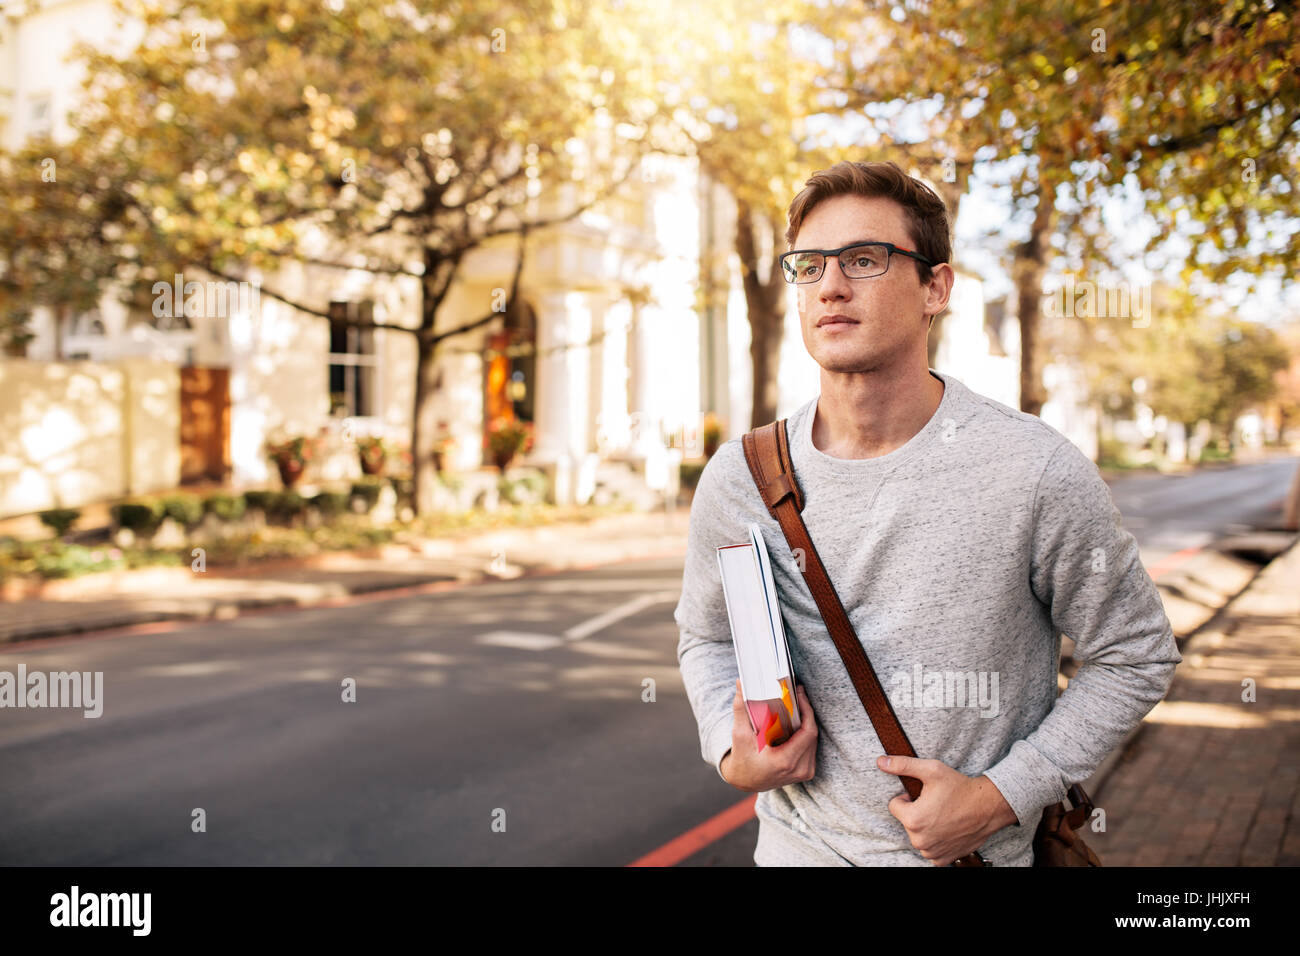 Joven estudiante varón caucásico con libro fuera de la carretera. Apuesto joven yendo a la universidad. Imagen De Stock